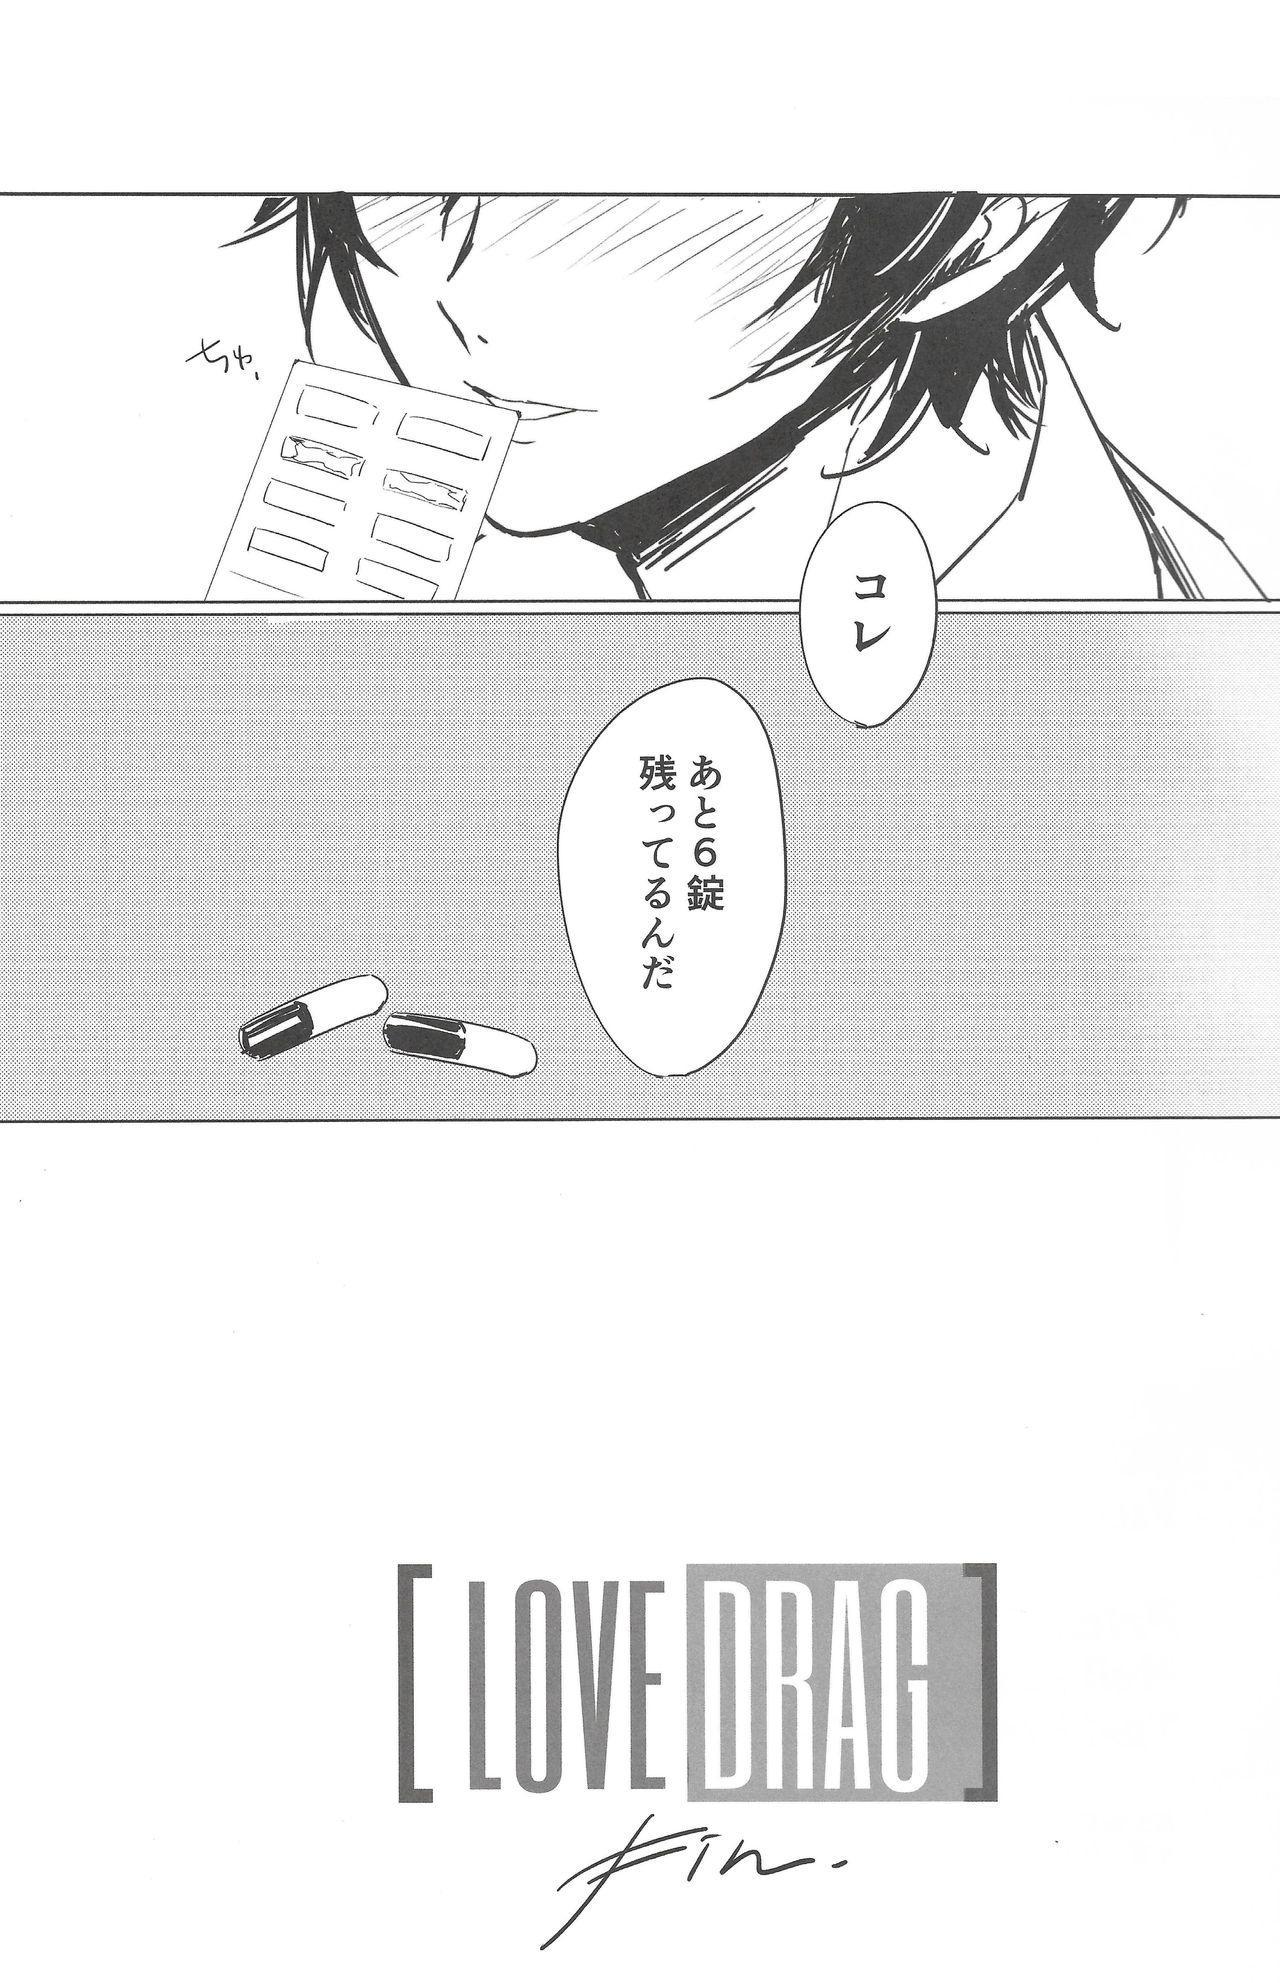 LOVEDRAG 19